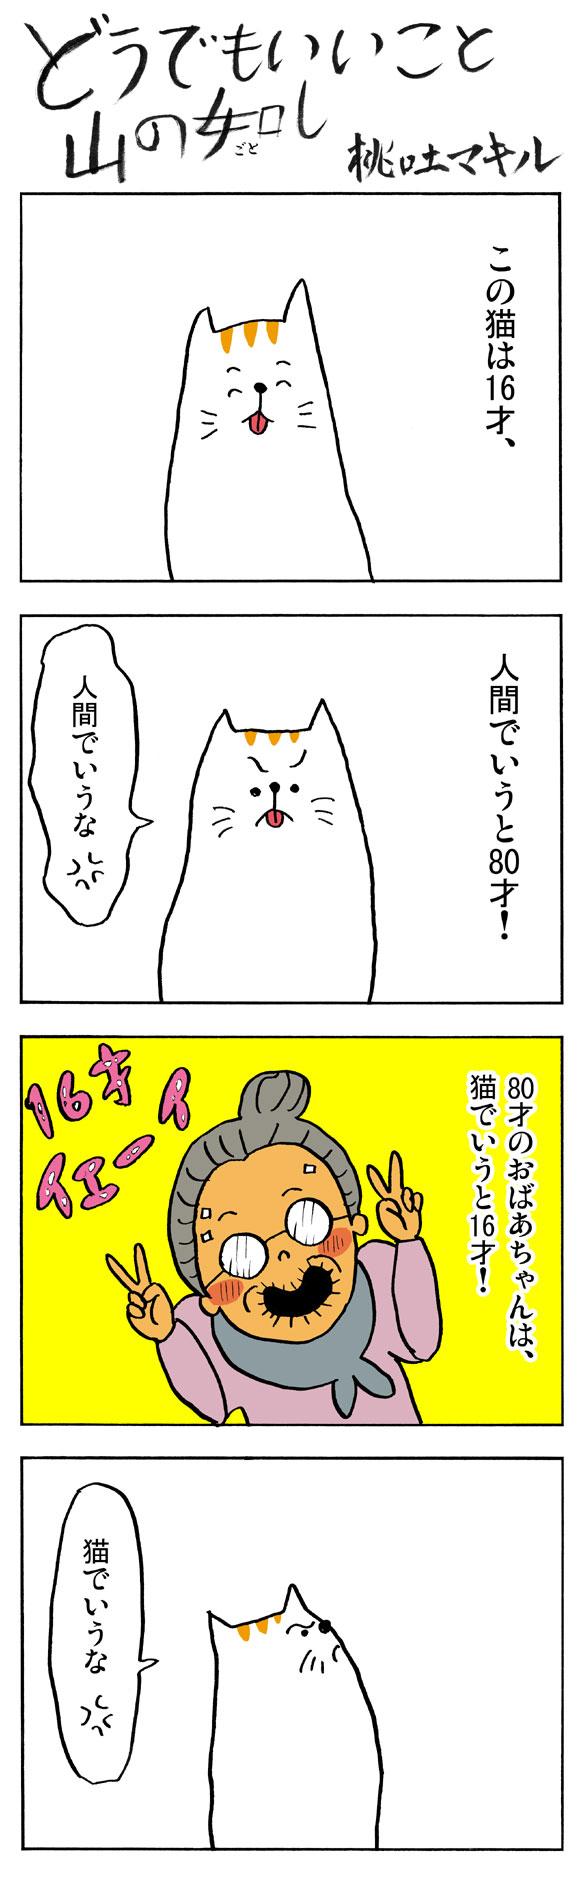 【まんが】どうでもいいこと山の如し「第161話:猫の如し」 by 桃吐マキル